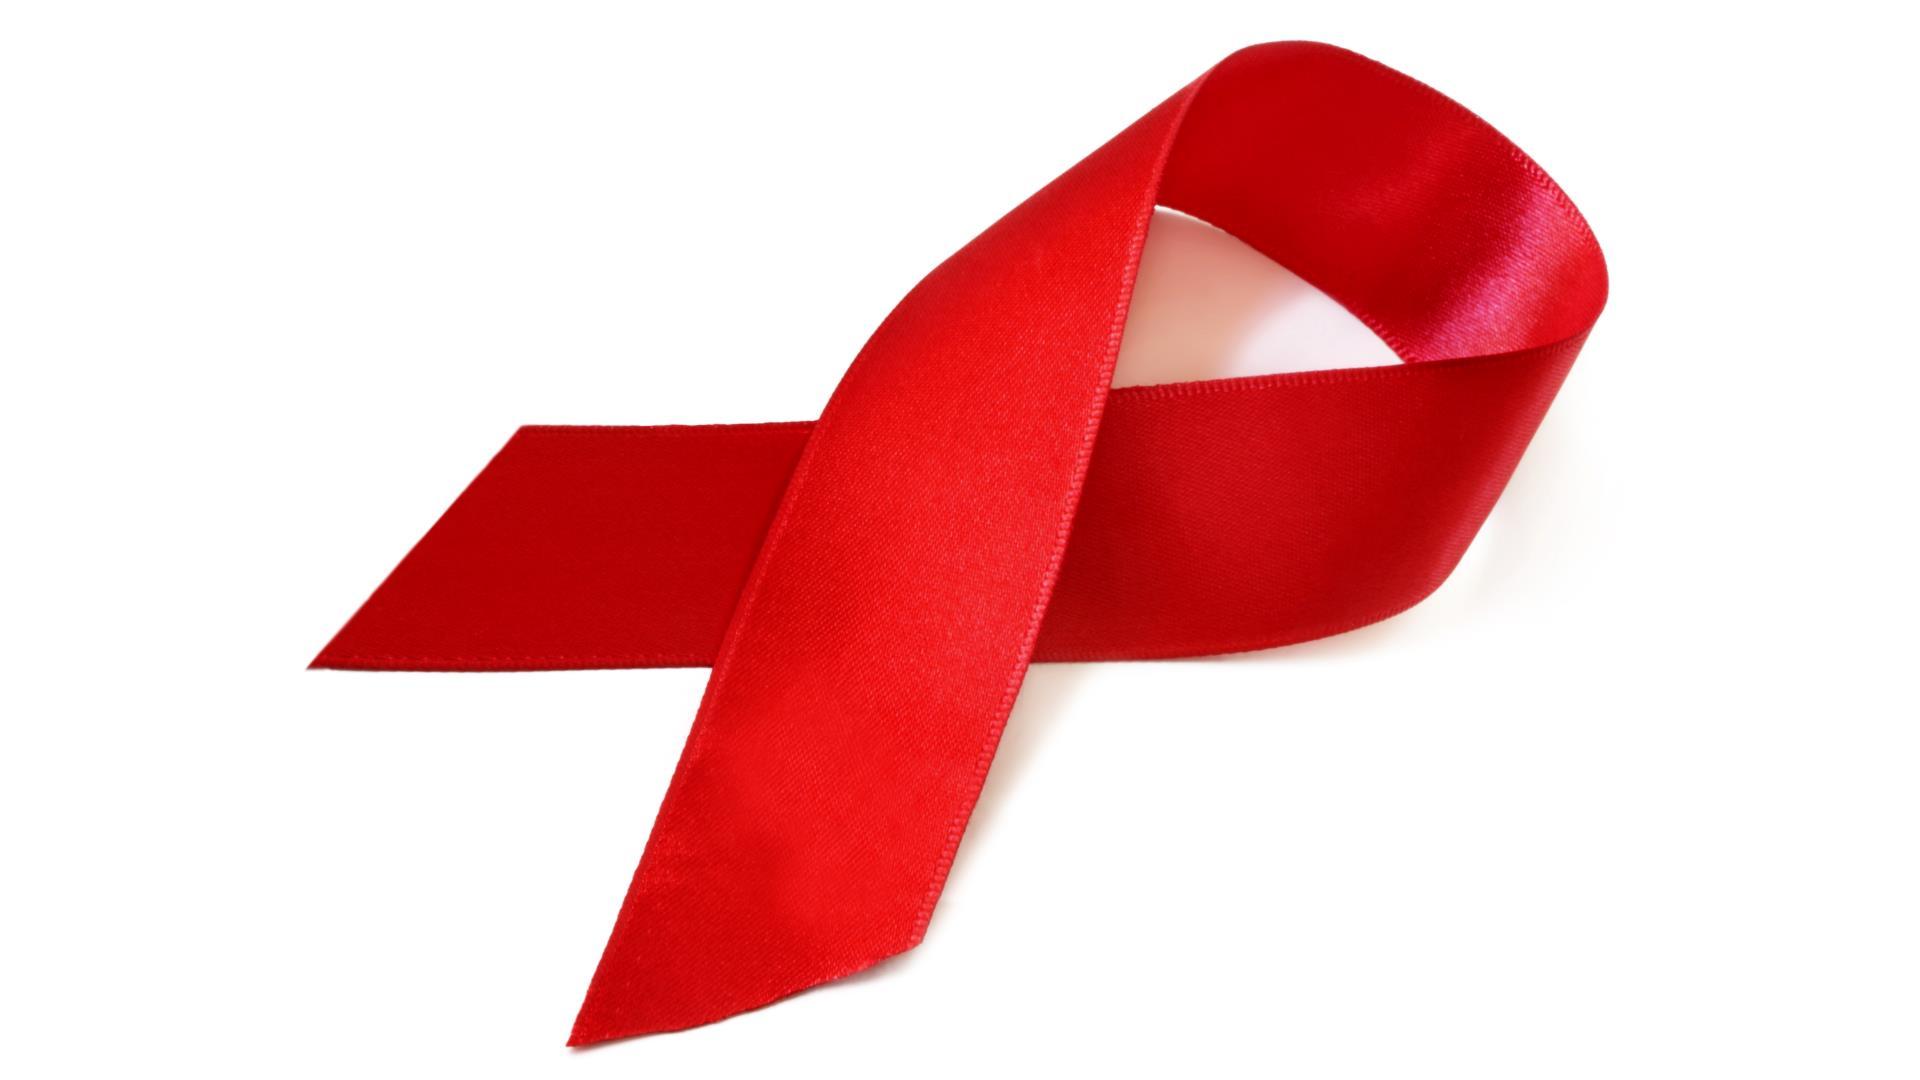 Sida : Un deuxième cas de rémission d'un patient atteint du VIH confirmé